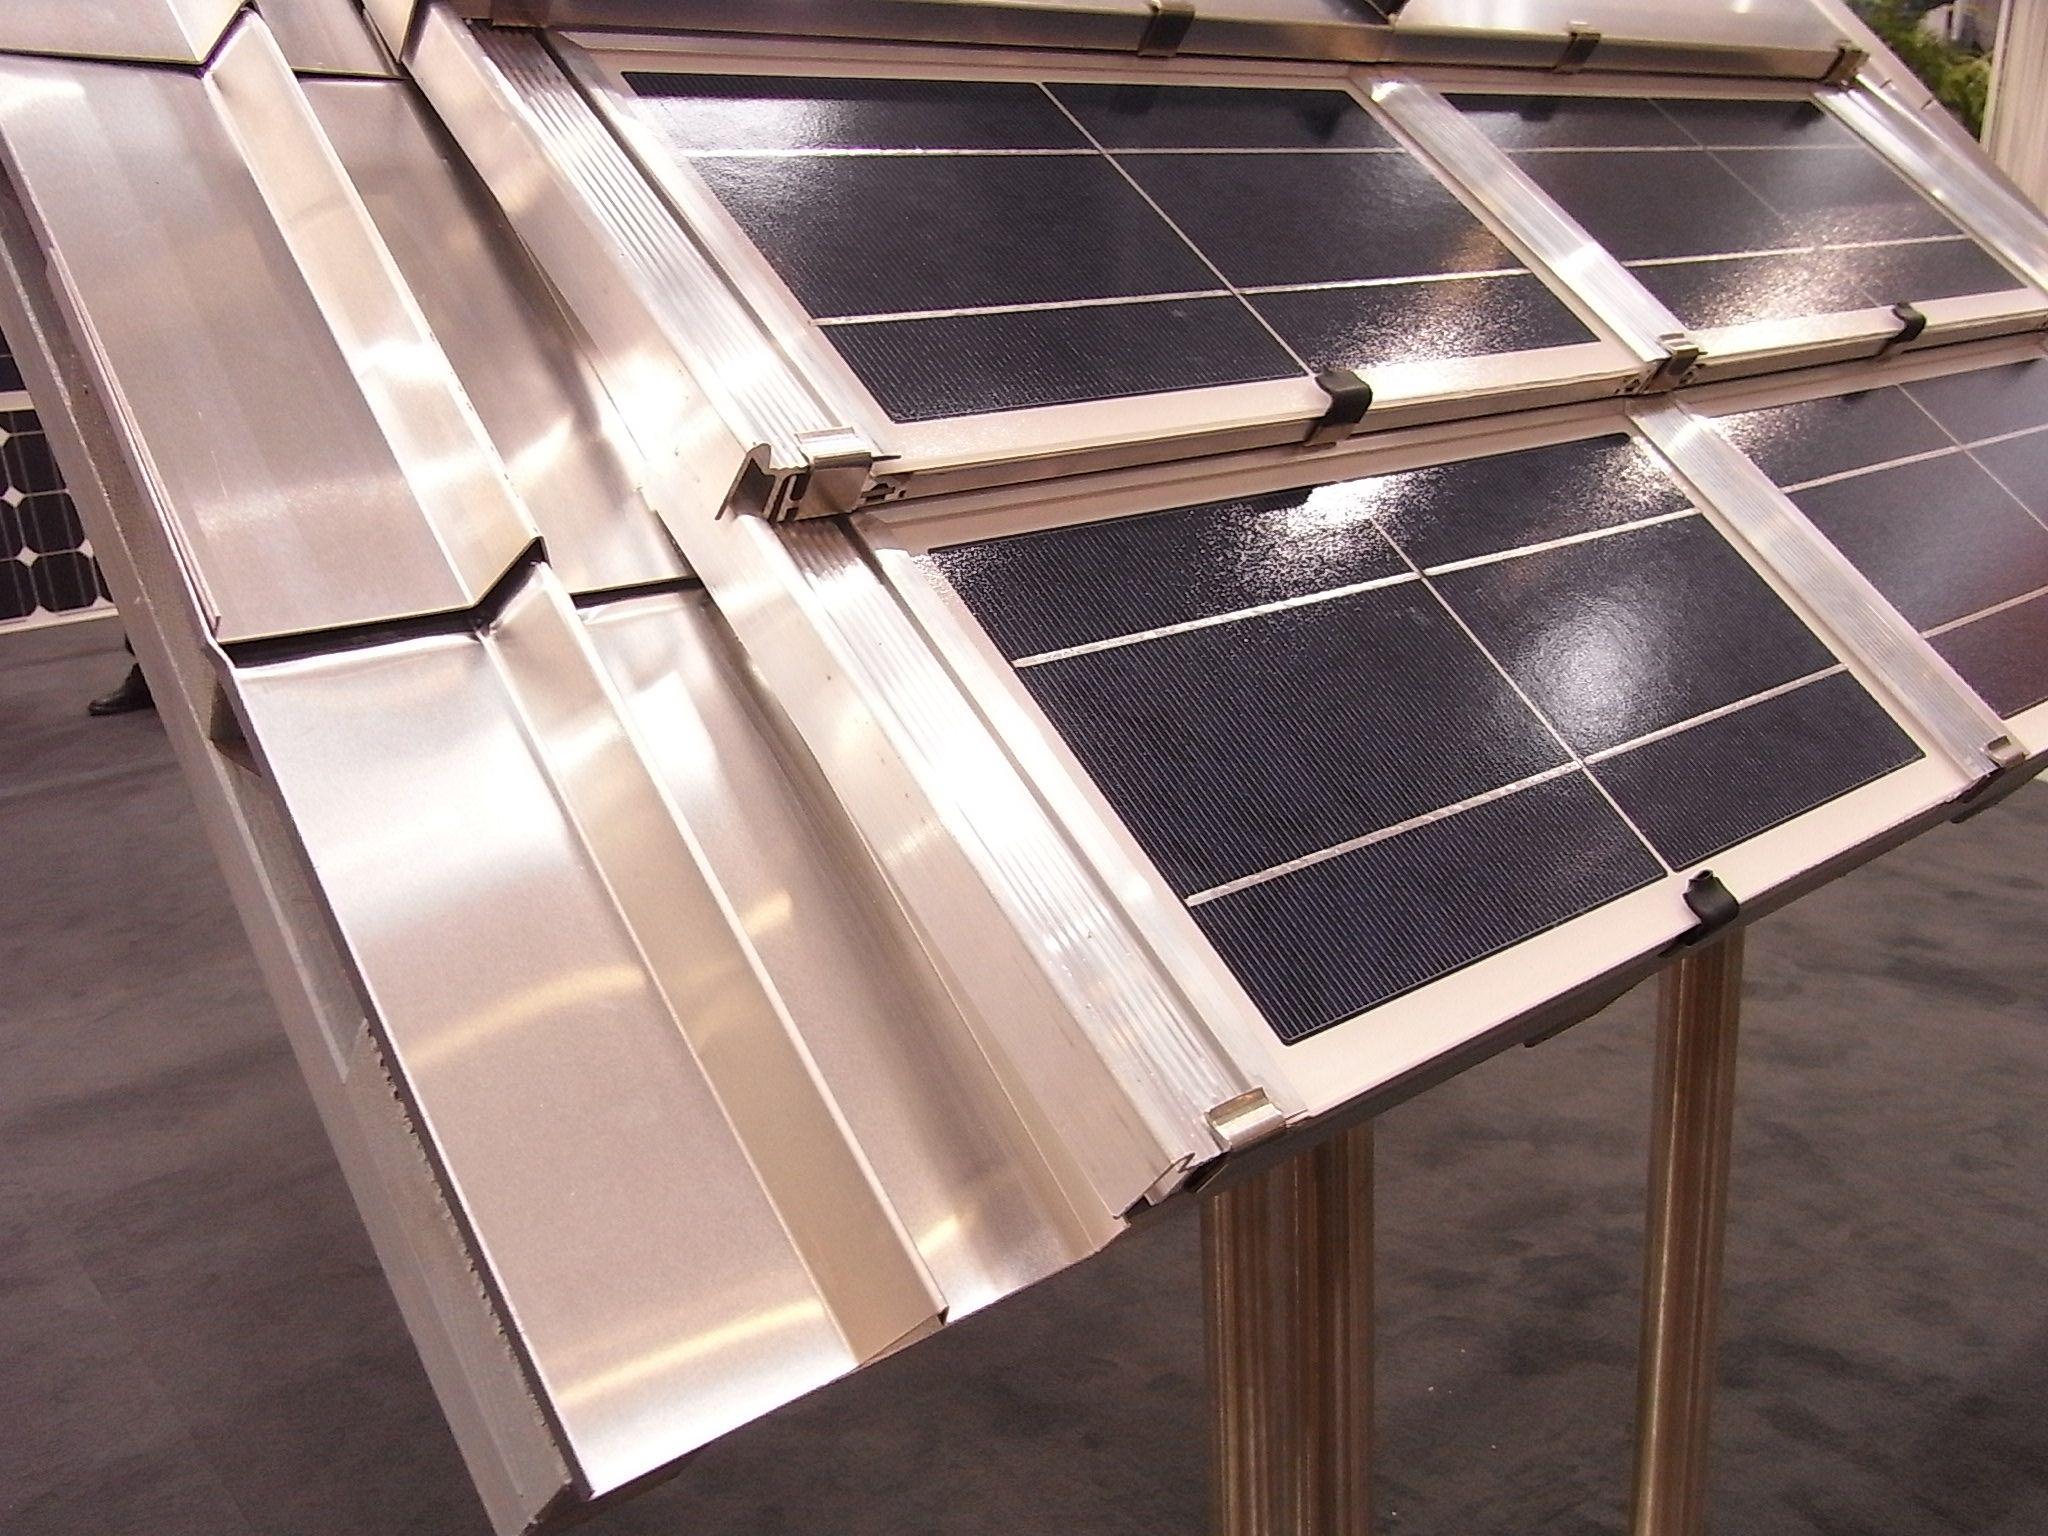 photovoltaik und dach wird eins. Black Bedroom Furniture Sets. Home Design Ideas